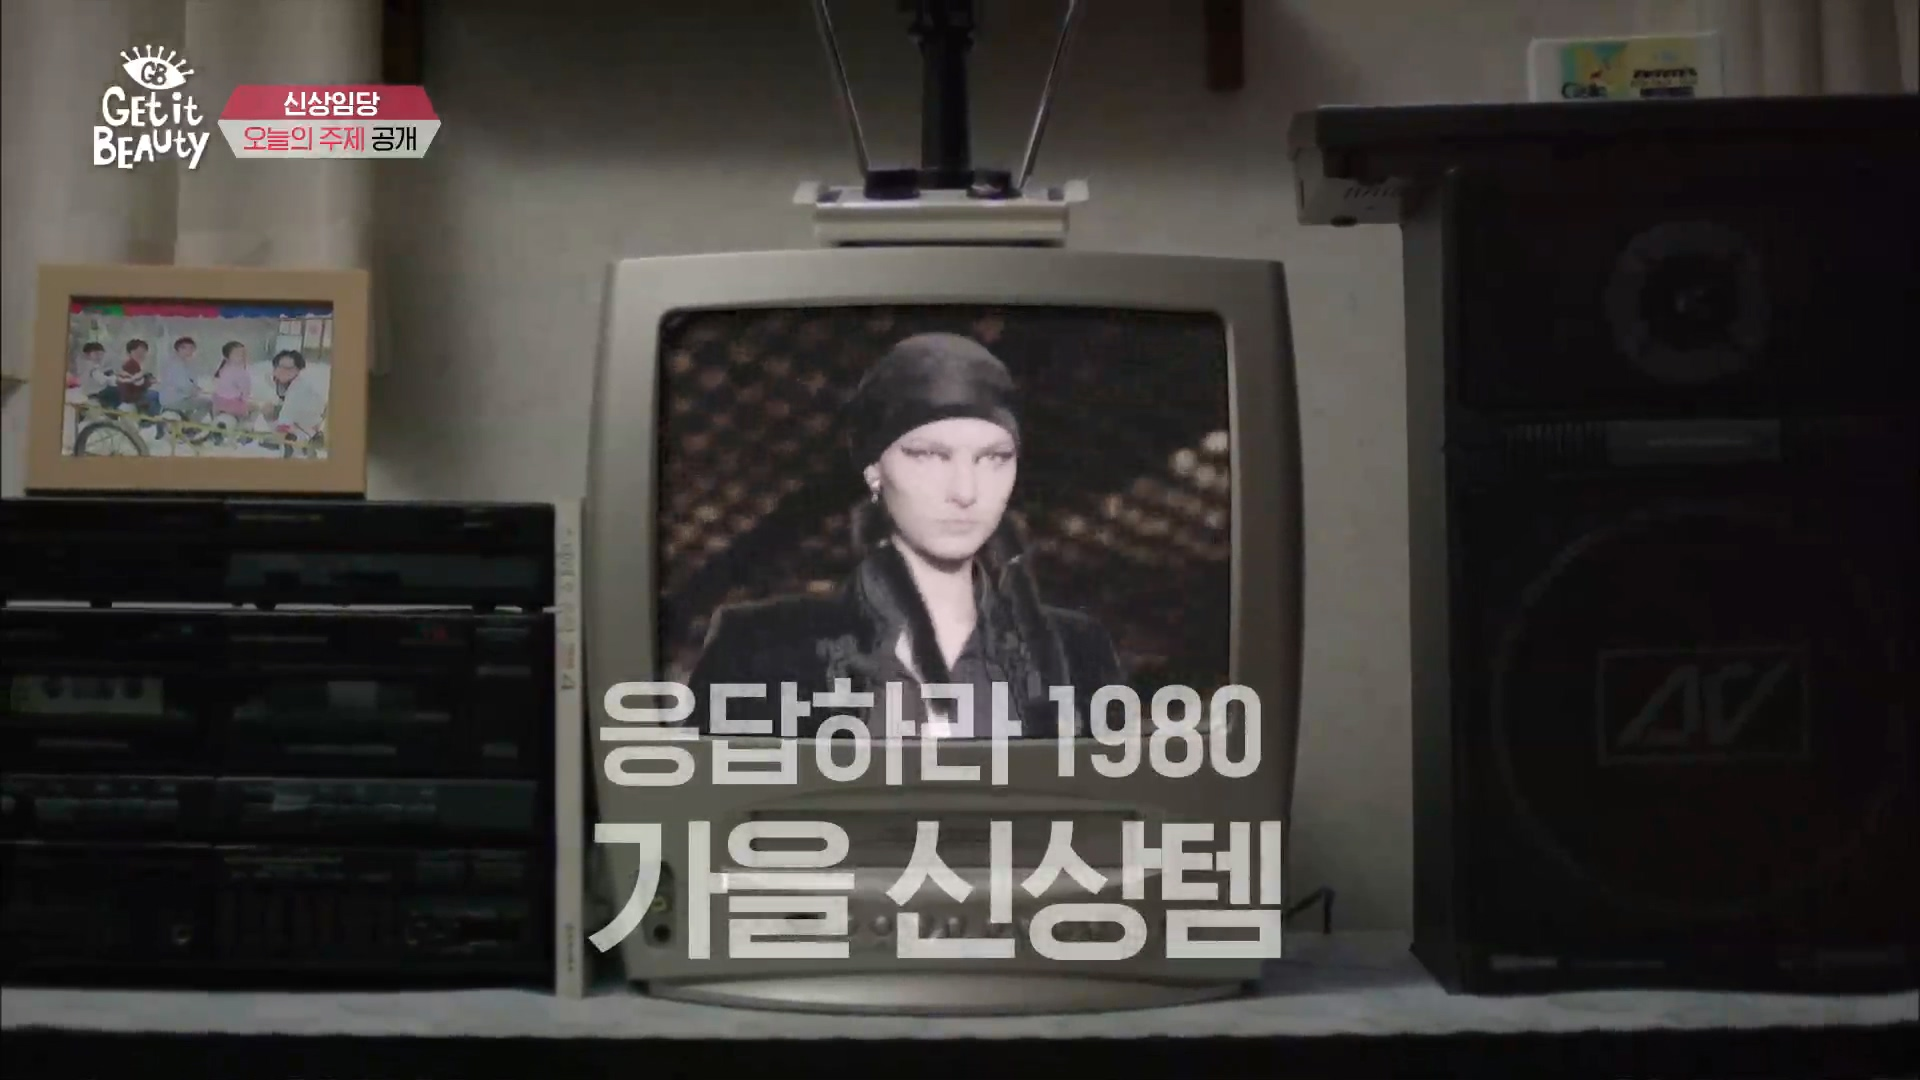 오늘의 주제는 응답하라 1980 가을 신상템!